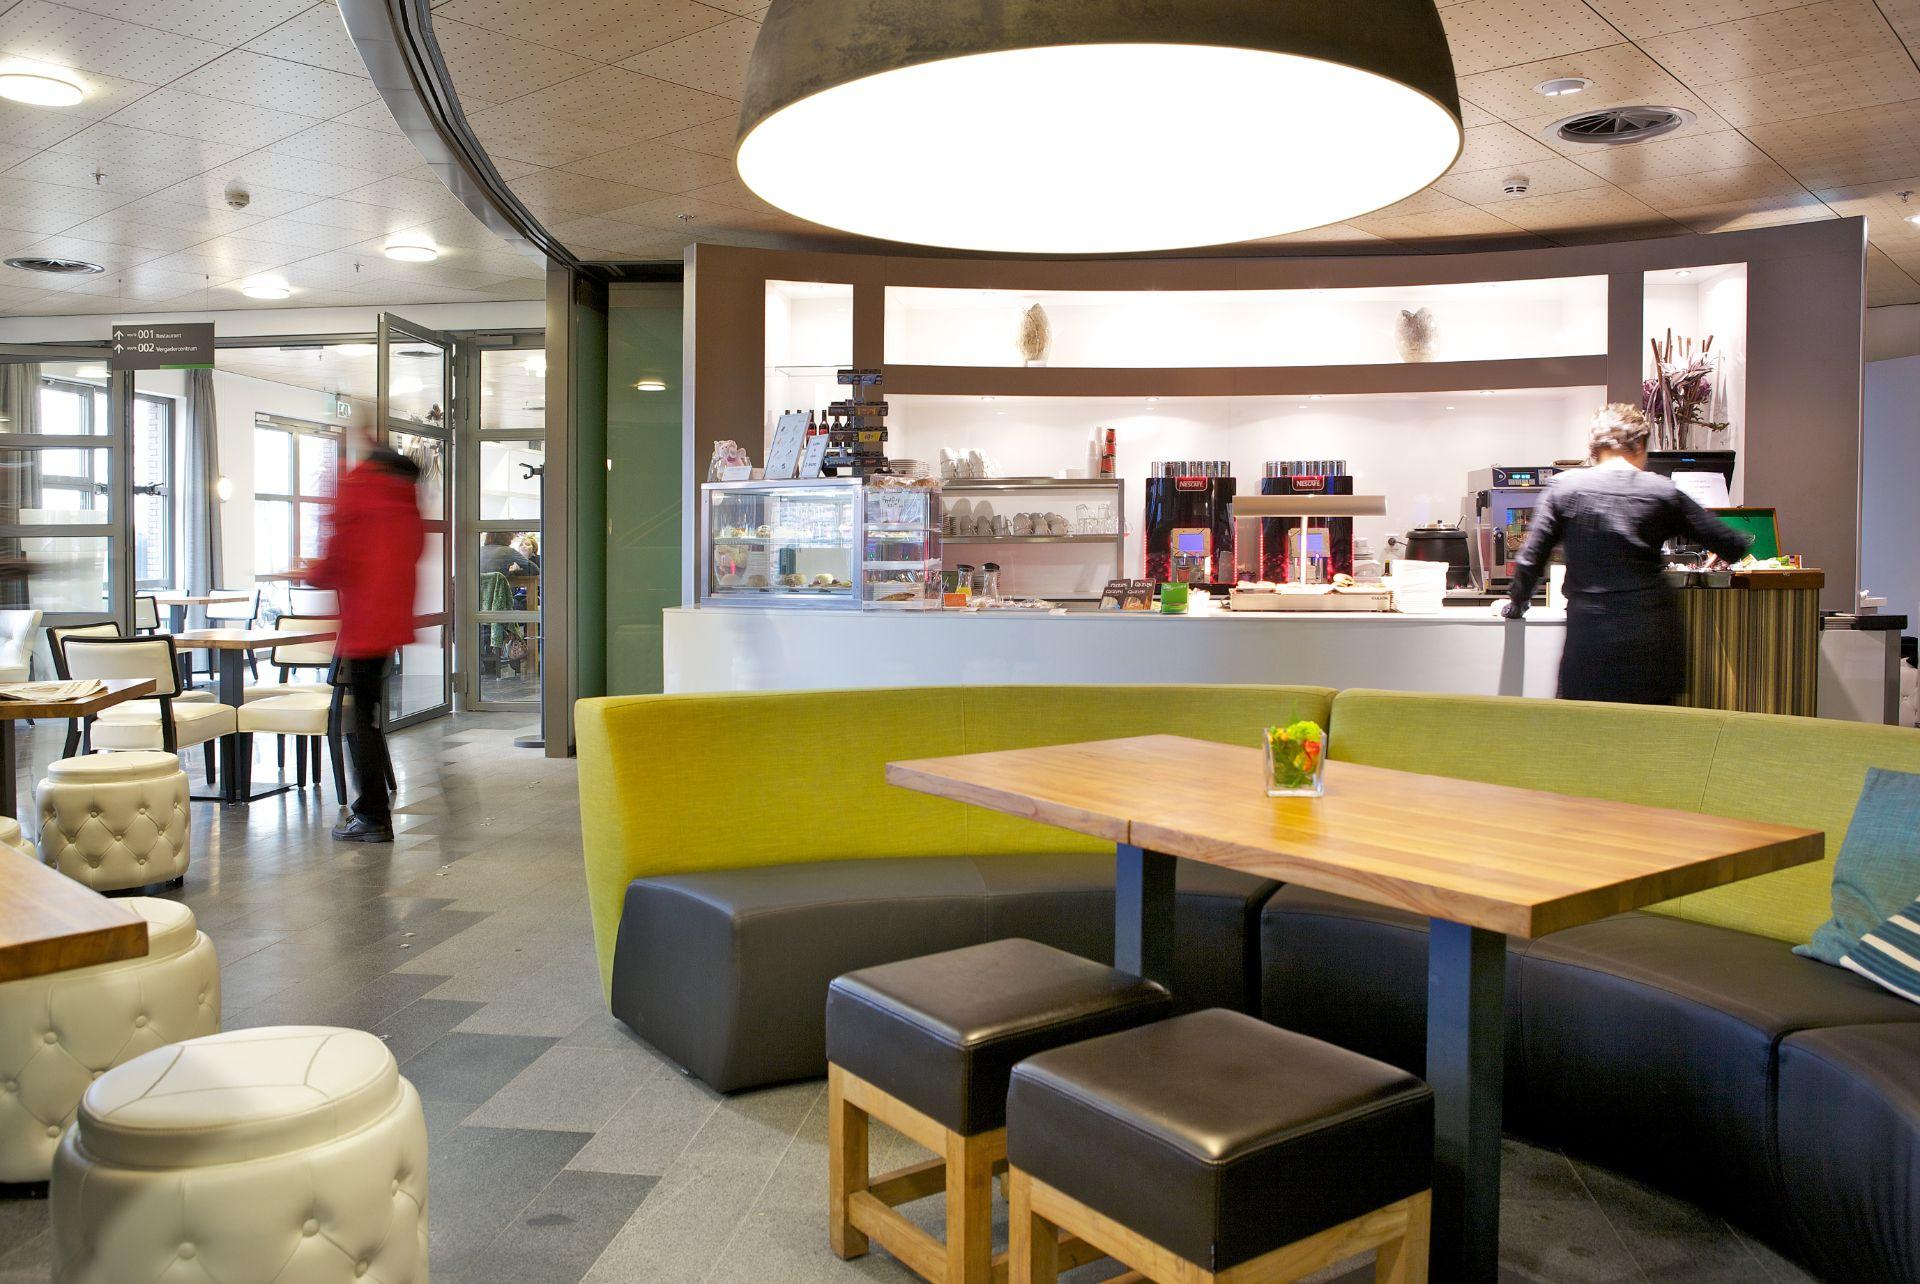 Grand Café Maasziekenhuis